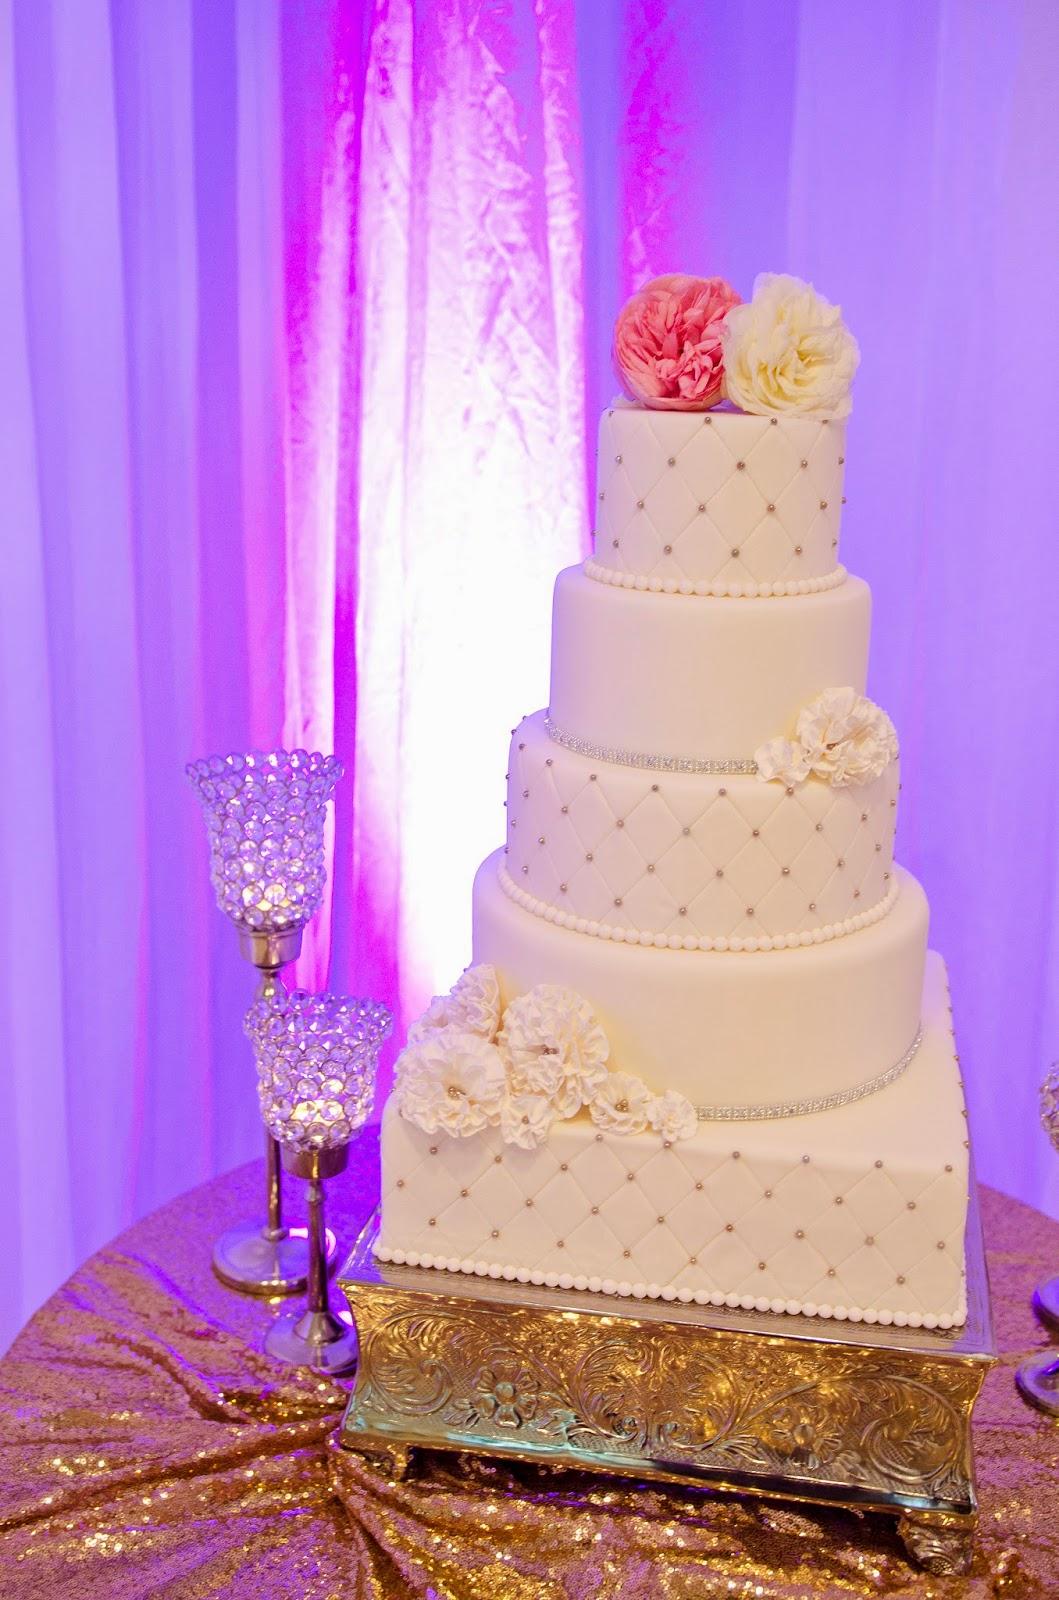 Royal Tip No Renting Or Buying A Fake Wedding Cake Is GENIUS - Wedding Cake Costs